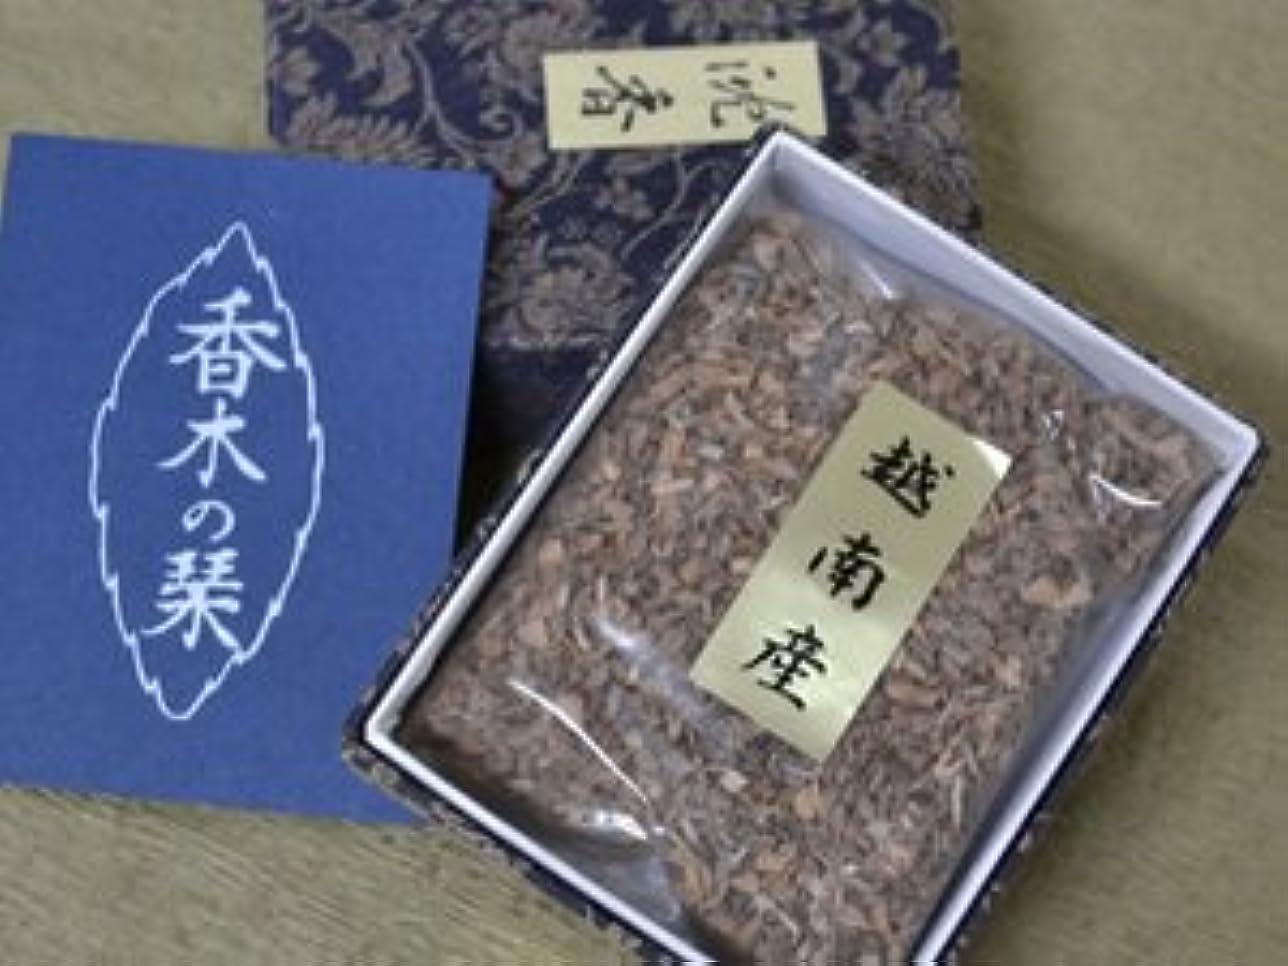 香木 お焼香 ベトナム産 沈香 【最高級品】 18g